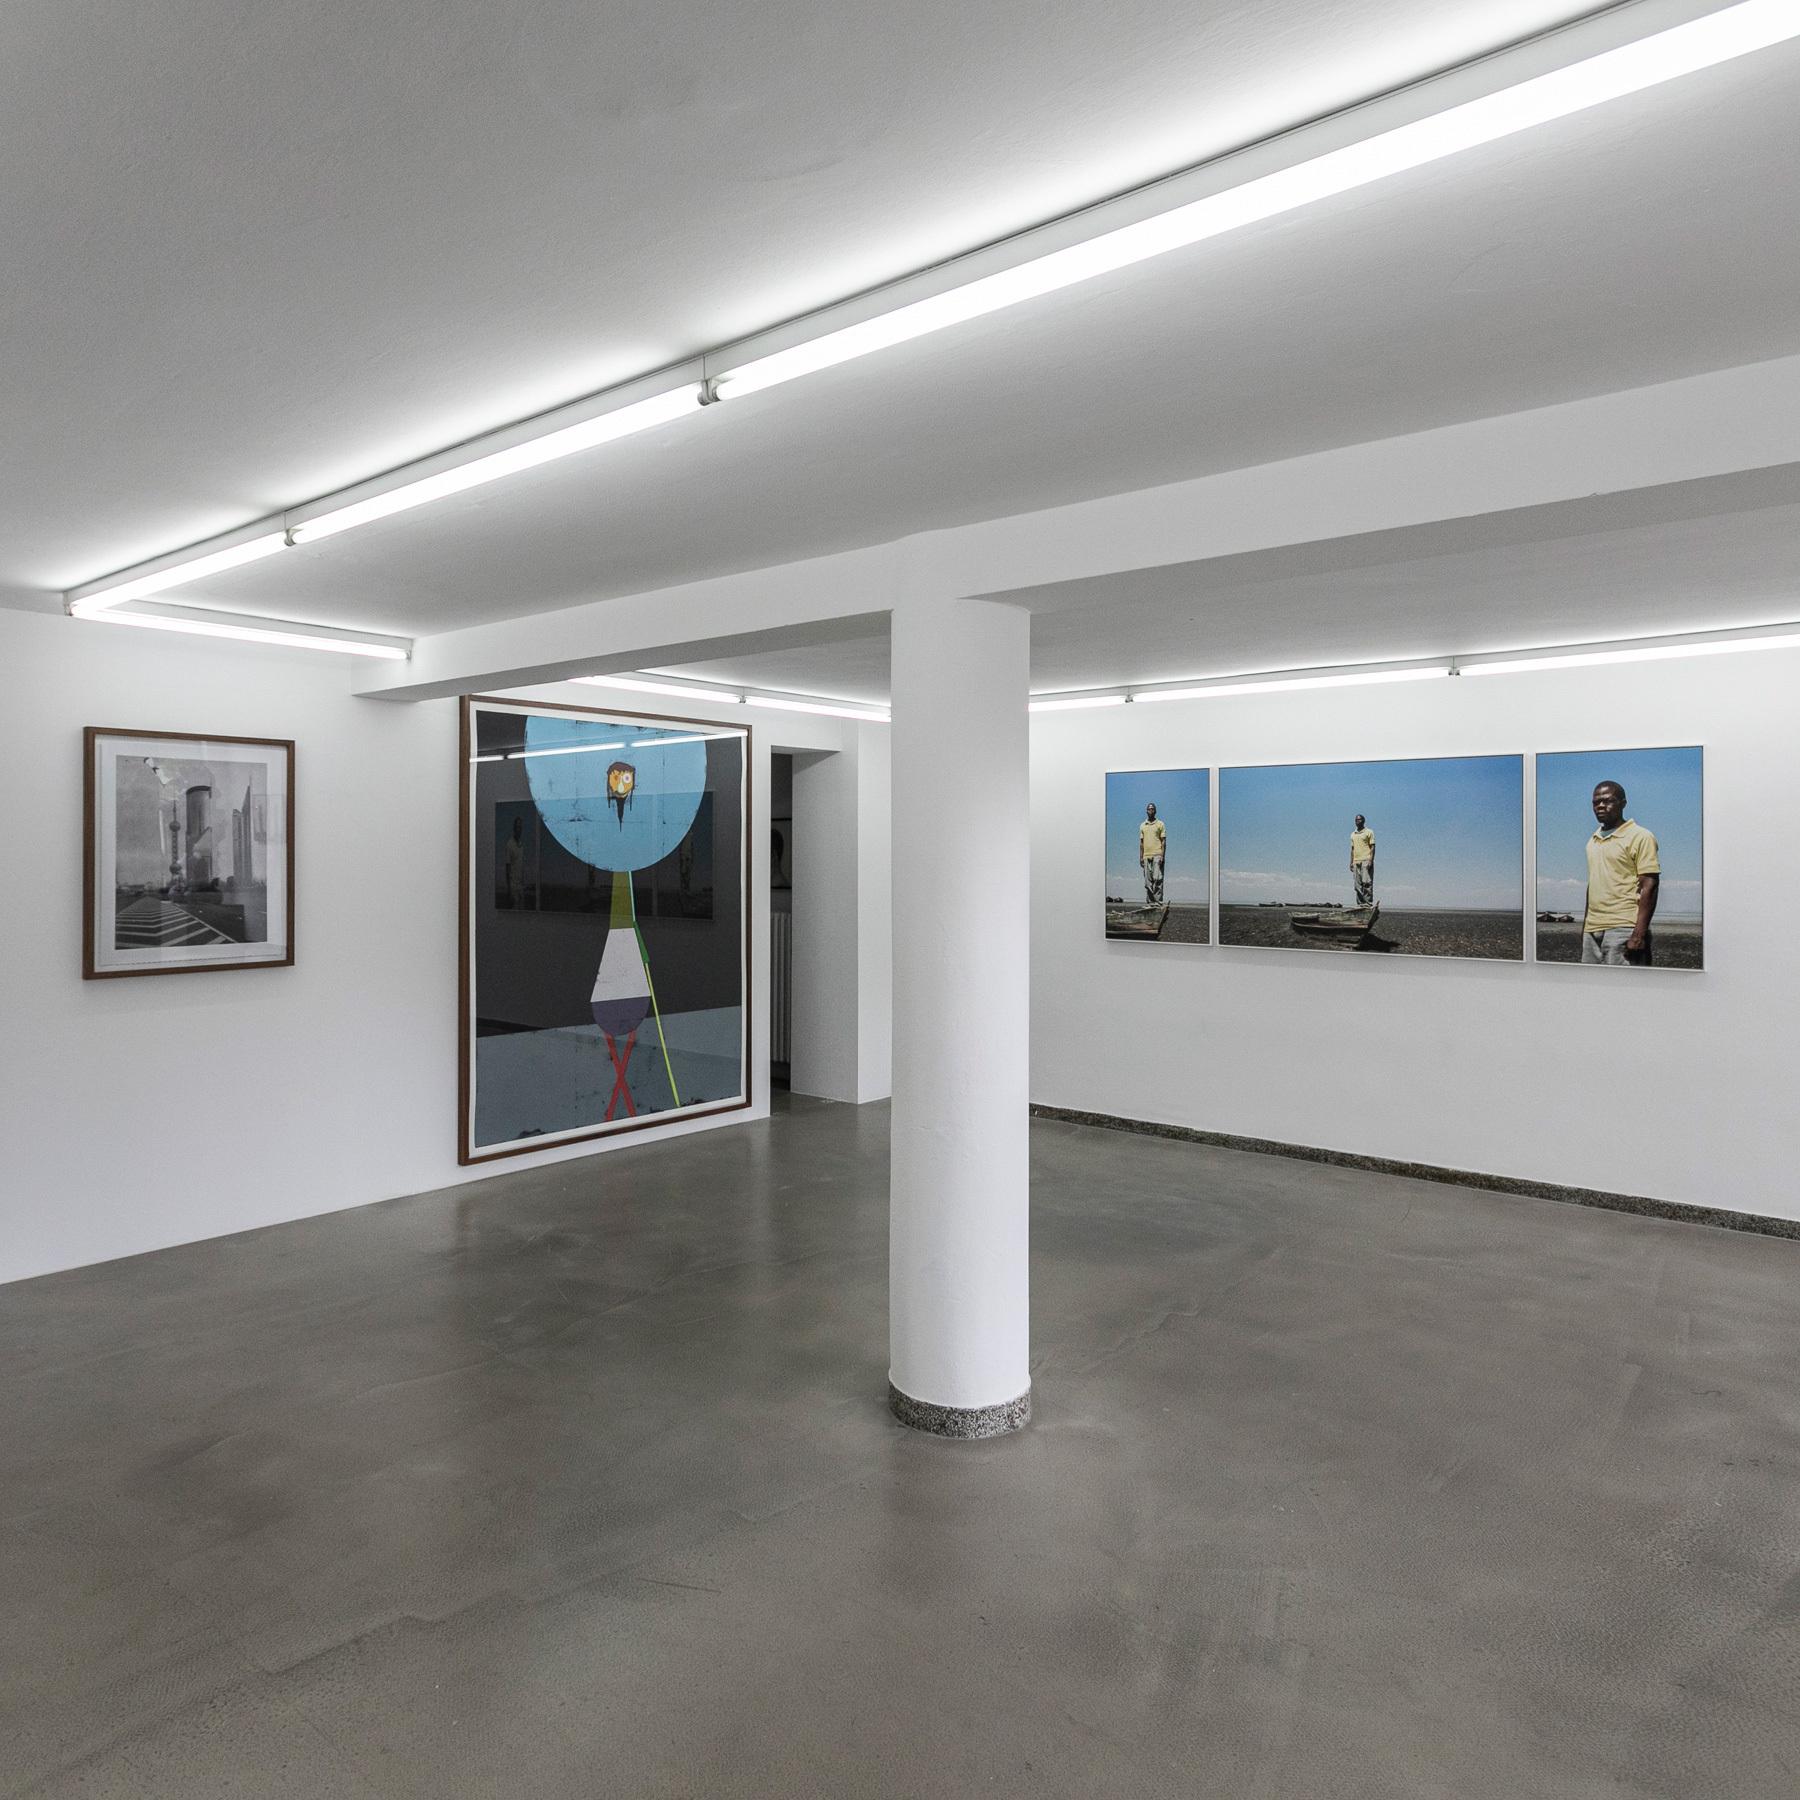 Gunther_Julia_installation-view_2019_02